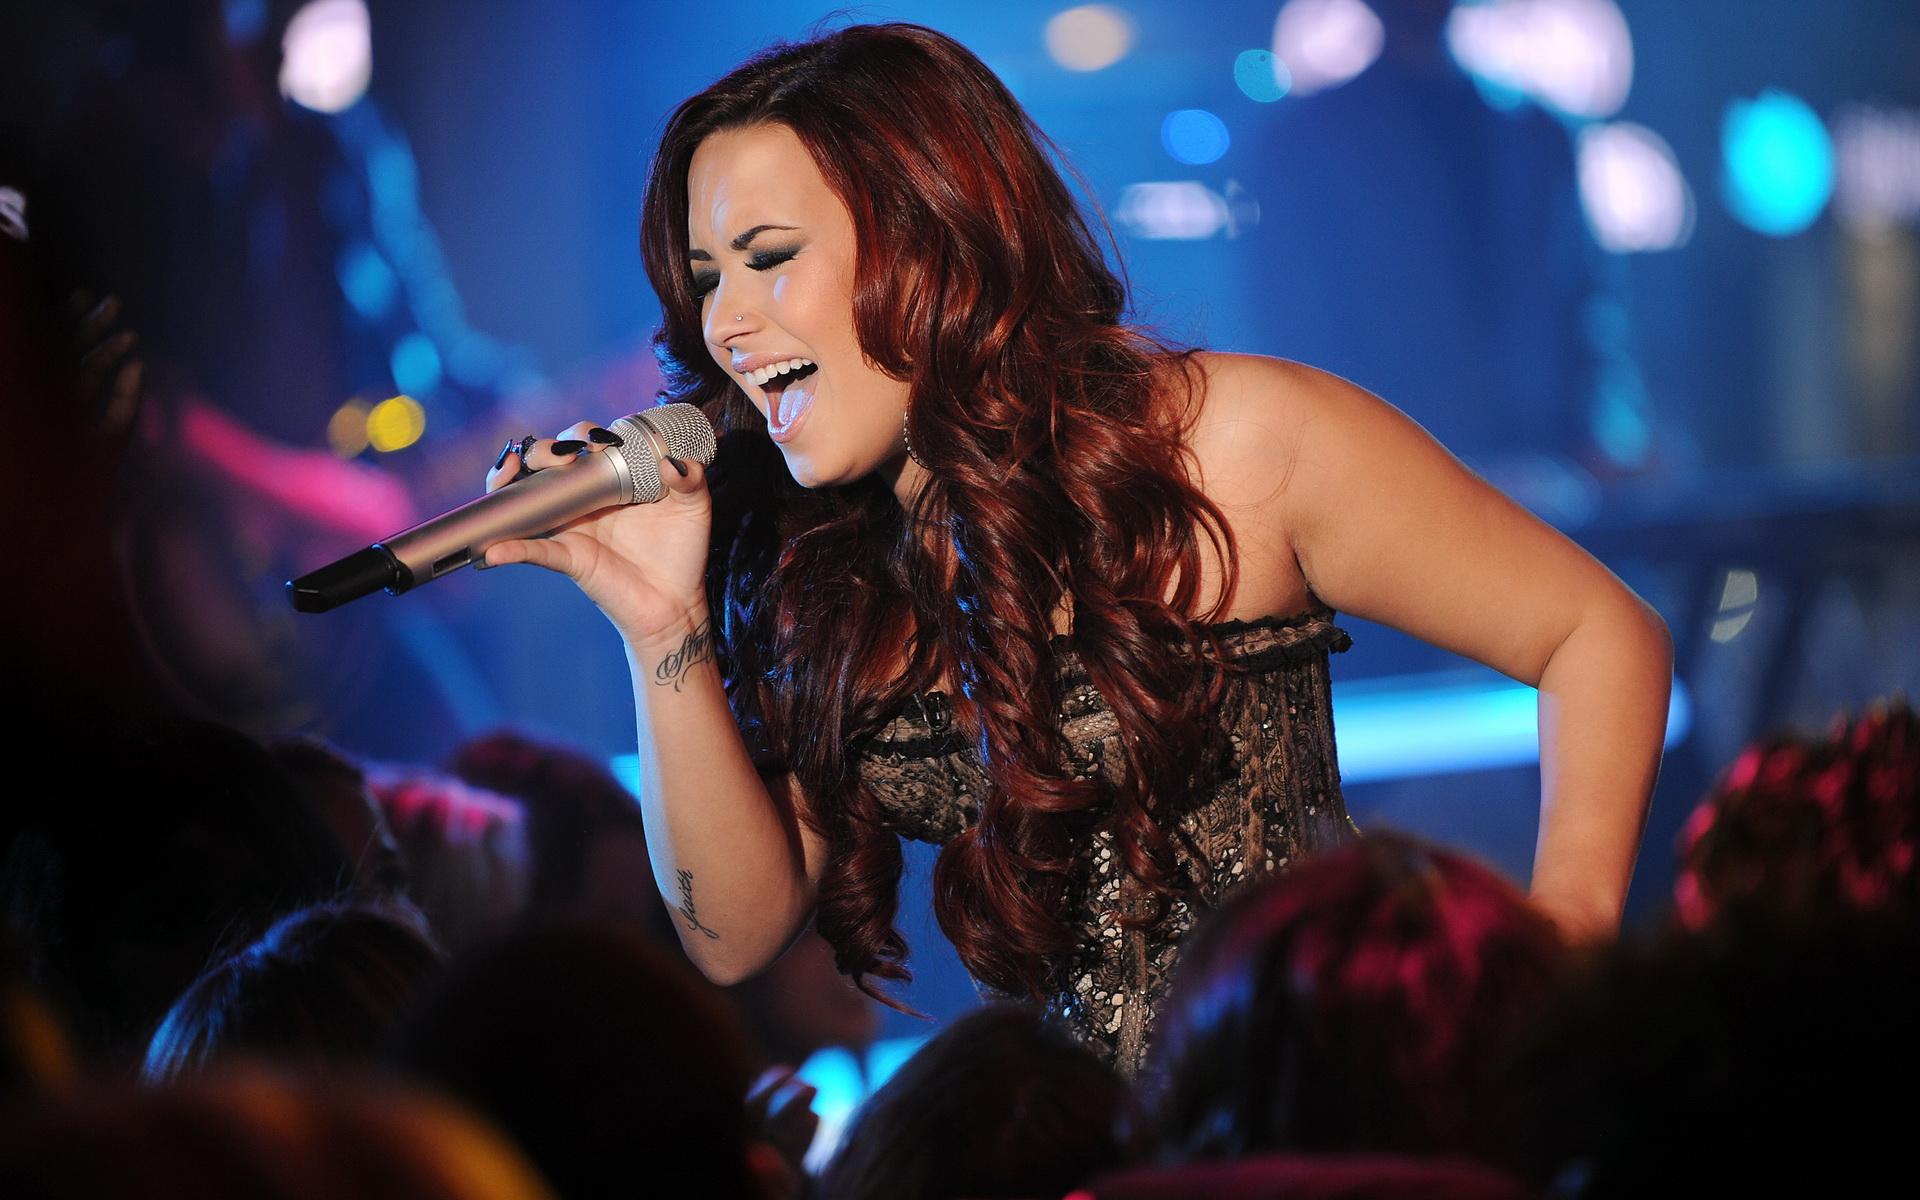 Demi Lovato - Demi Lovato Wallpaper (32789601) - Fanpop fanclubs